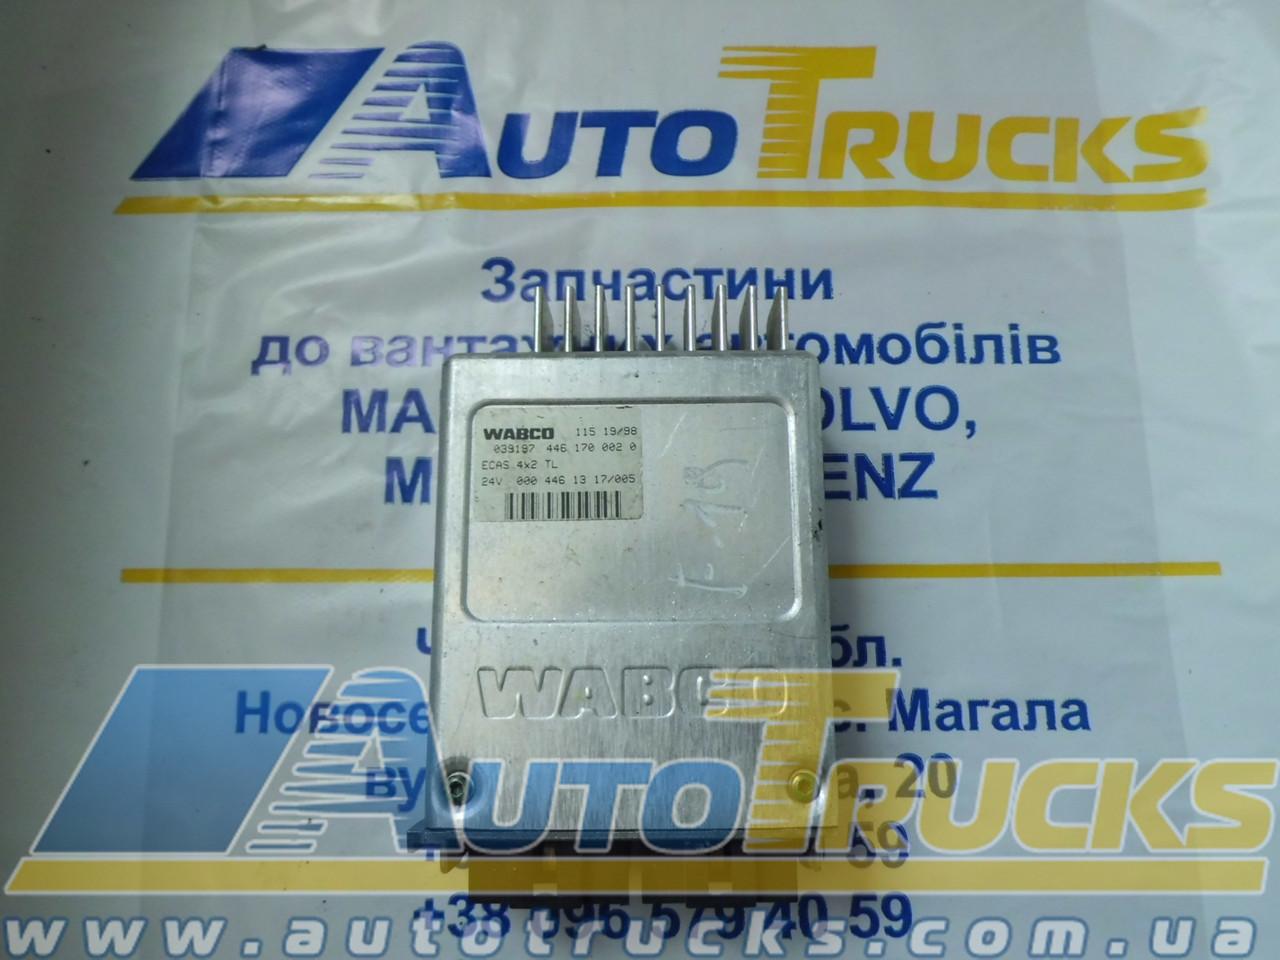 Блок управления WABCO ECAS  4*2 TL 24V Б/у для Mercedes-Benz (4461700020; 0004461317/005; 0004461317)